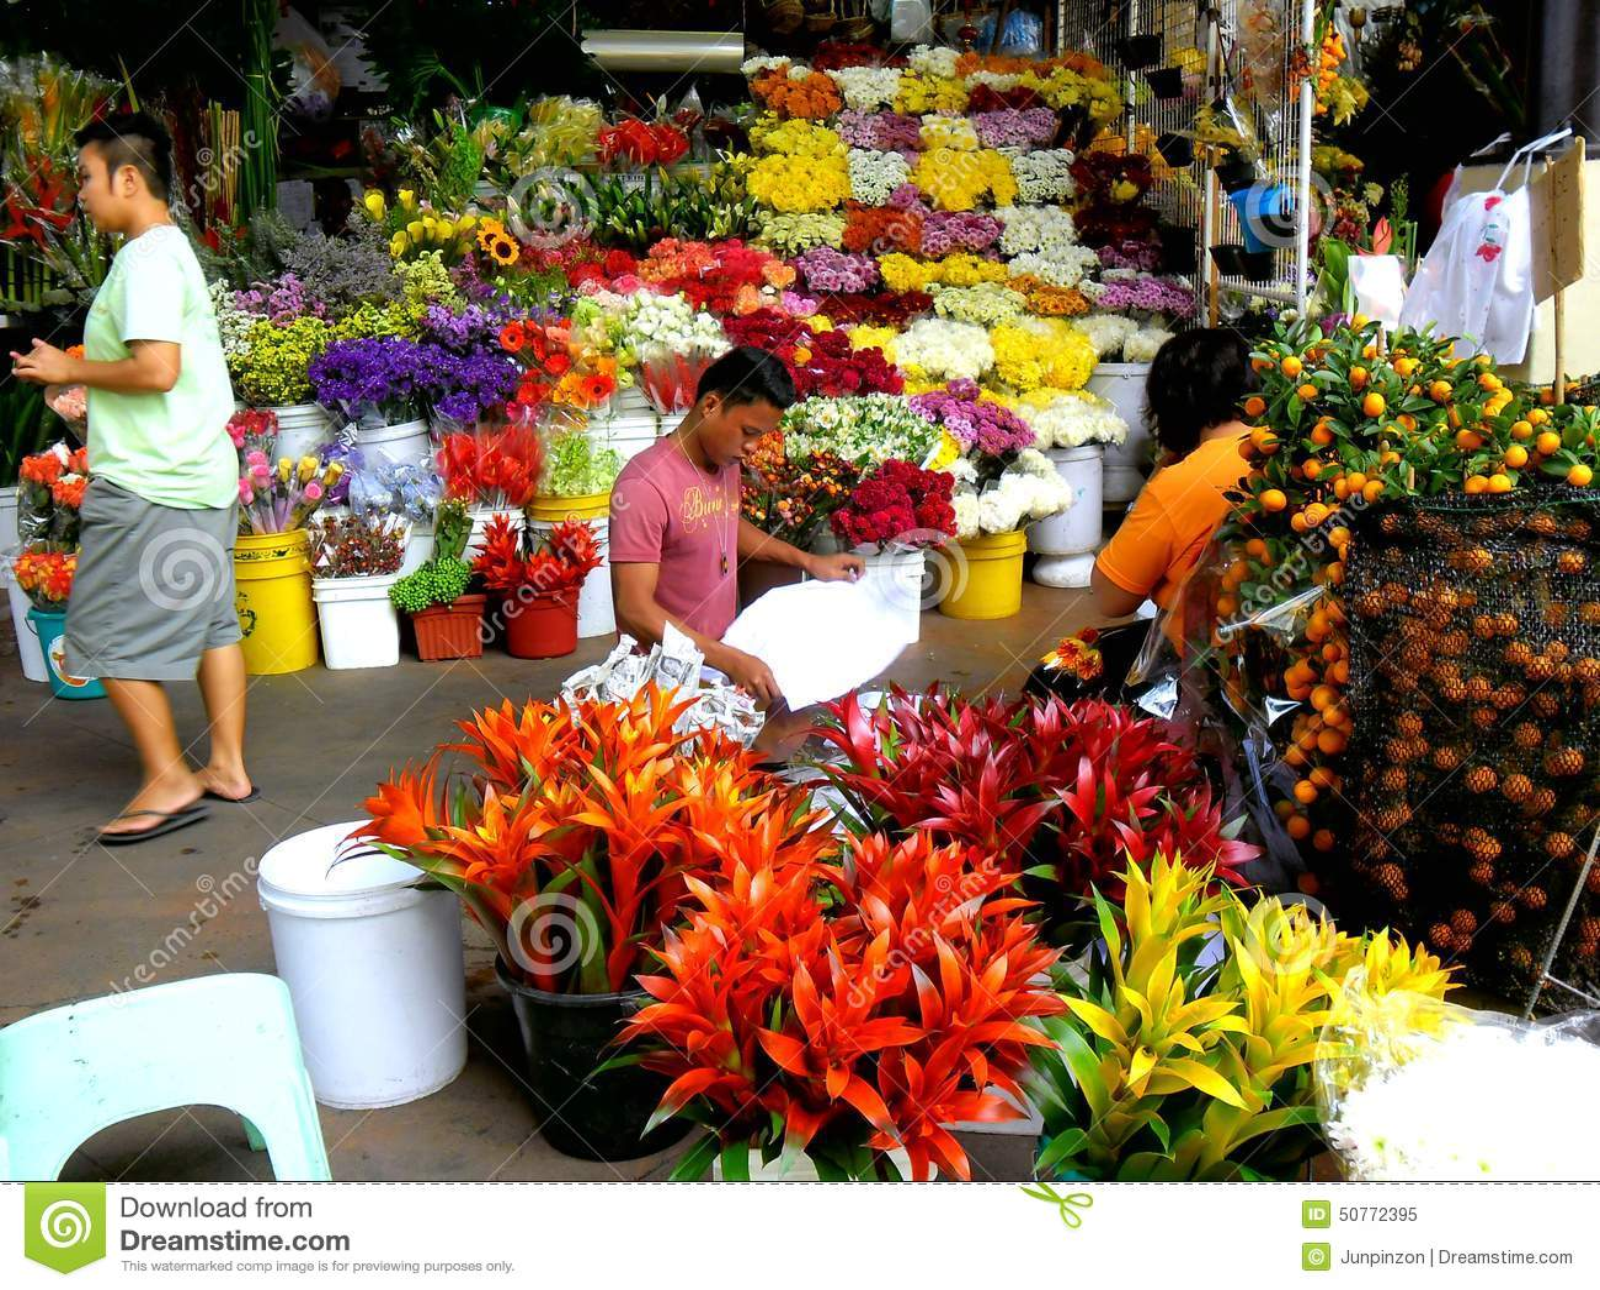 flower shop business plan philippines international